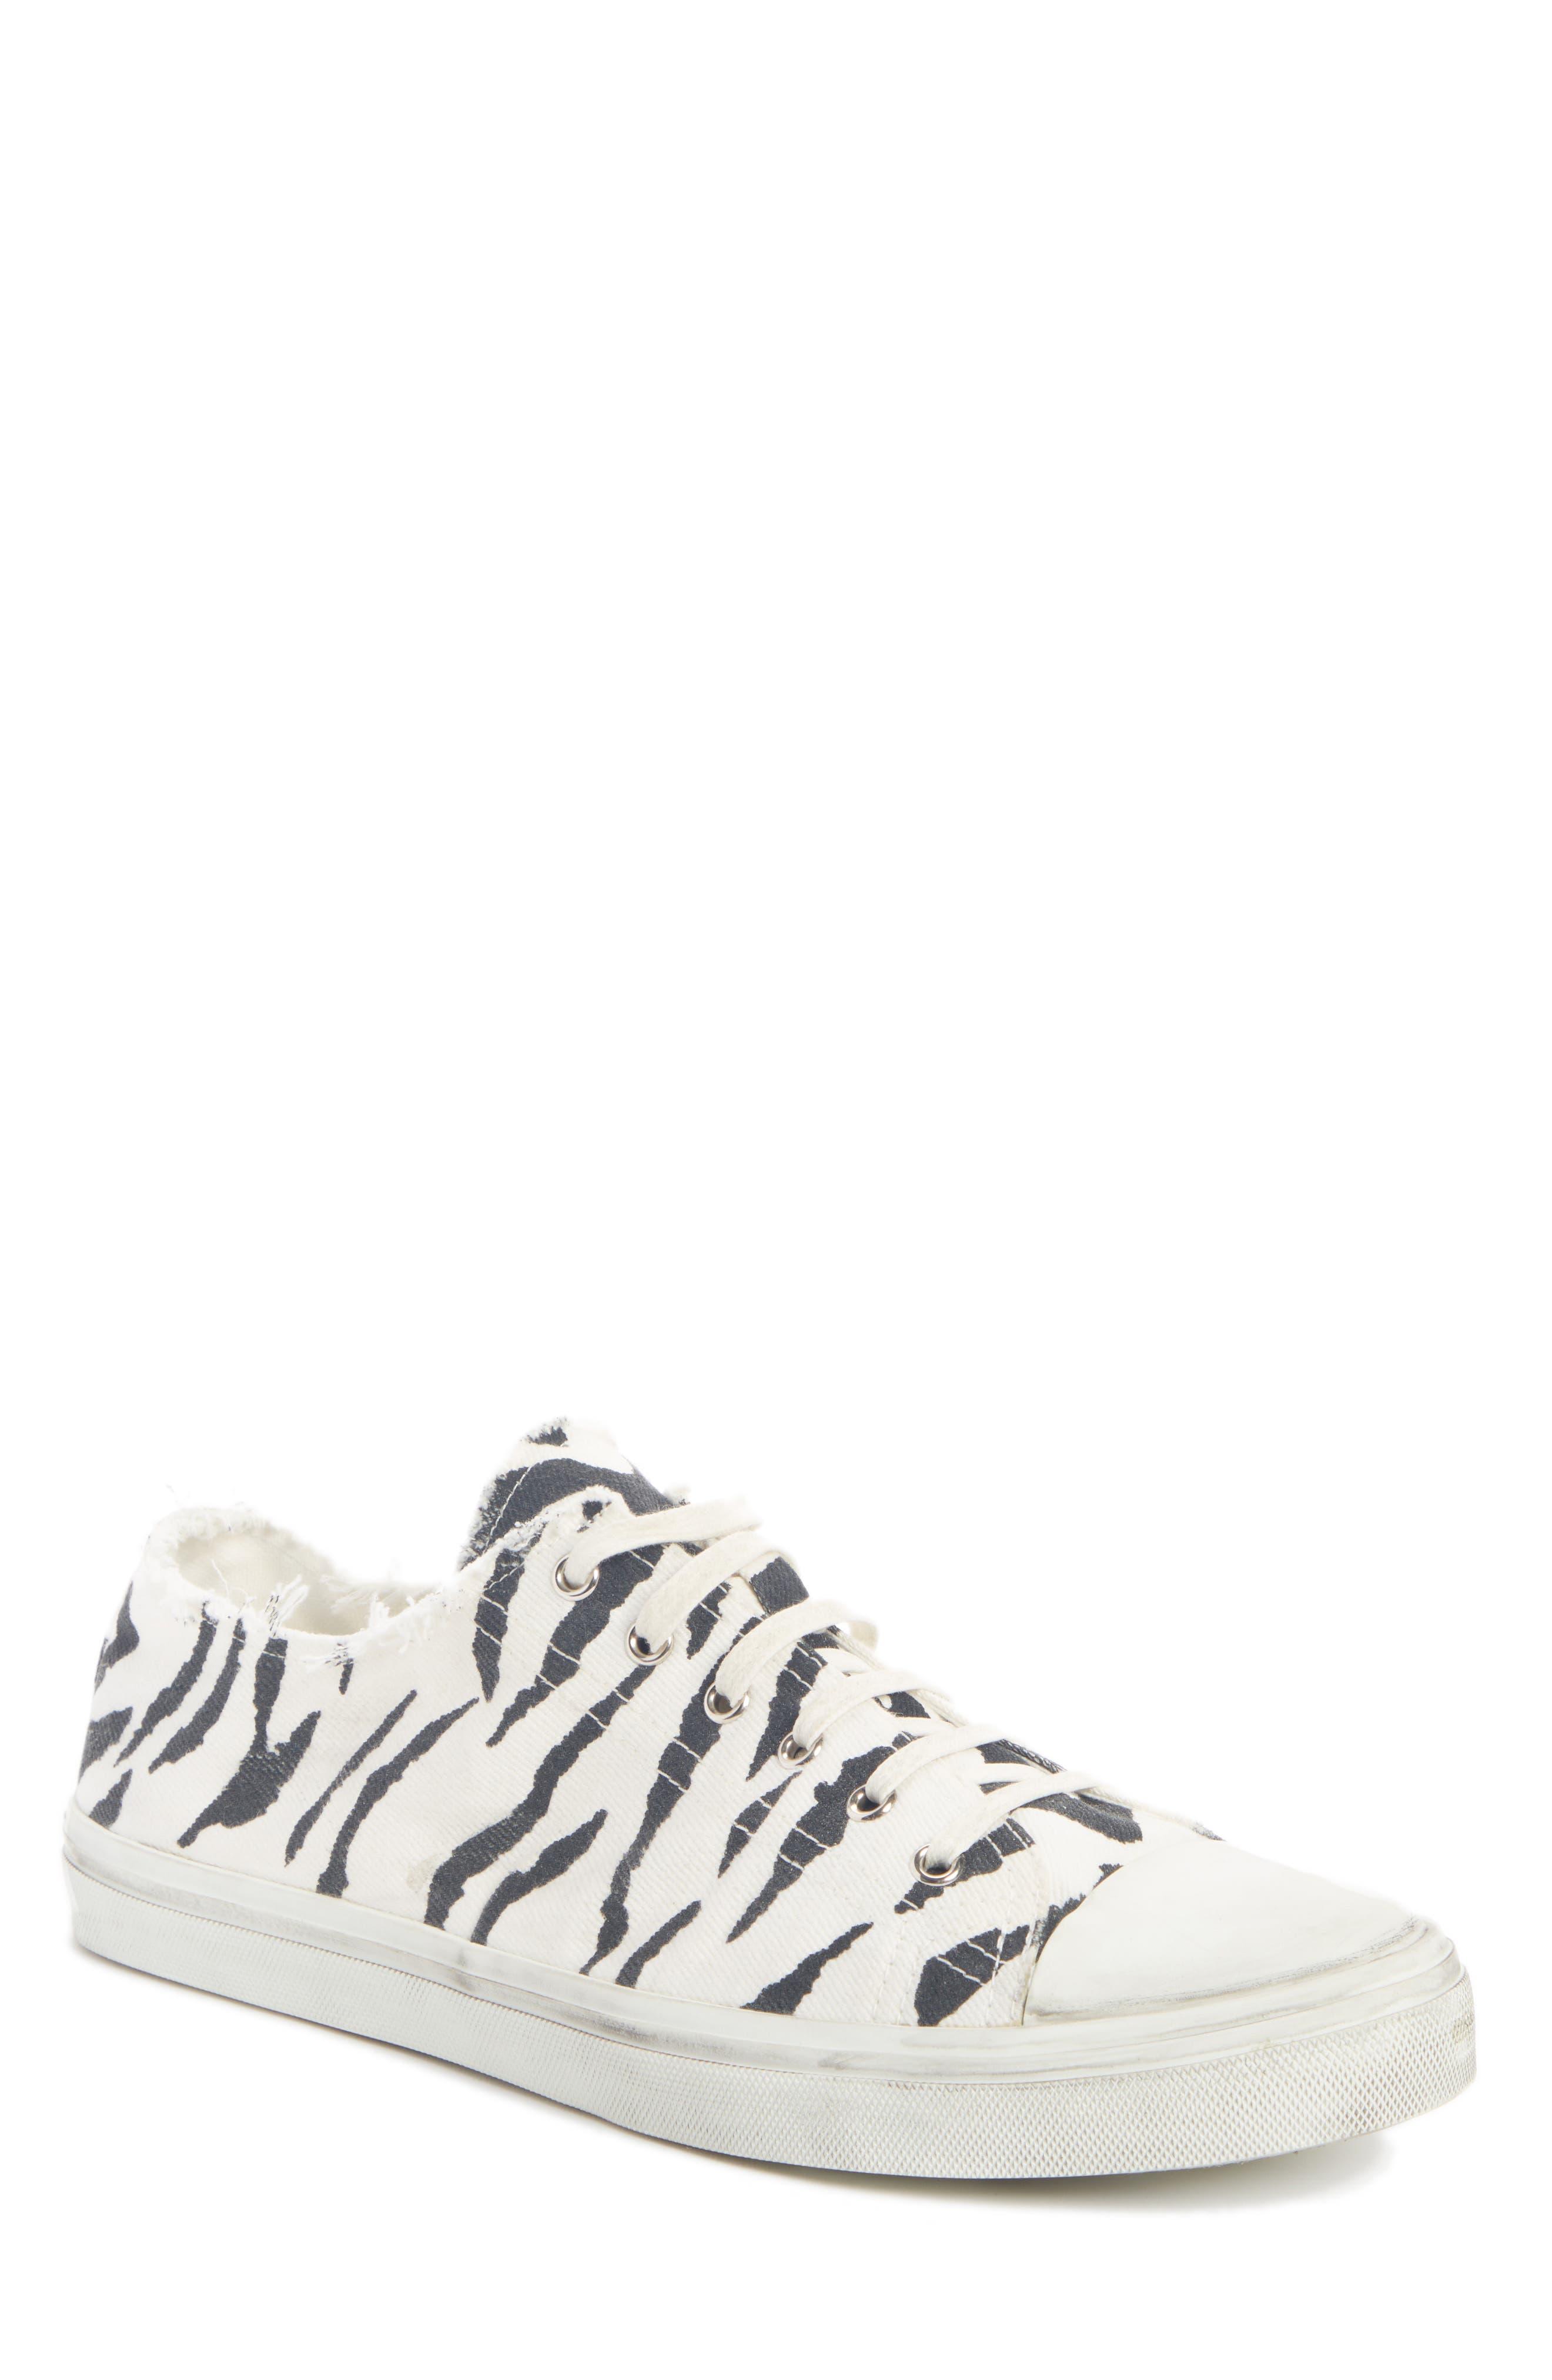 Saint Laurent Bedford Low Top Sneaker